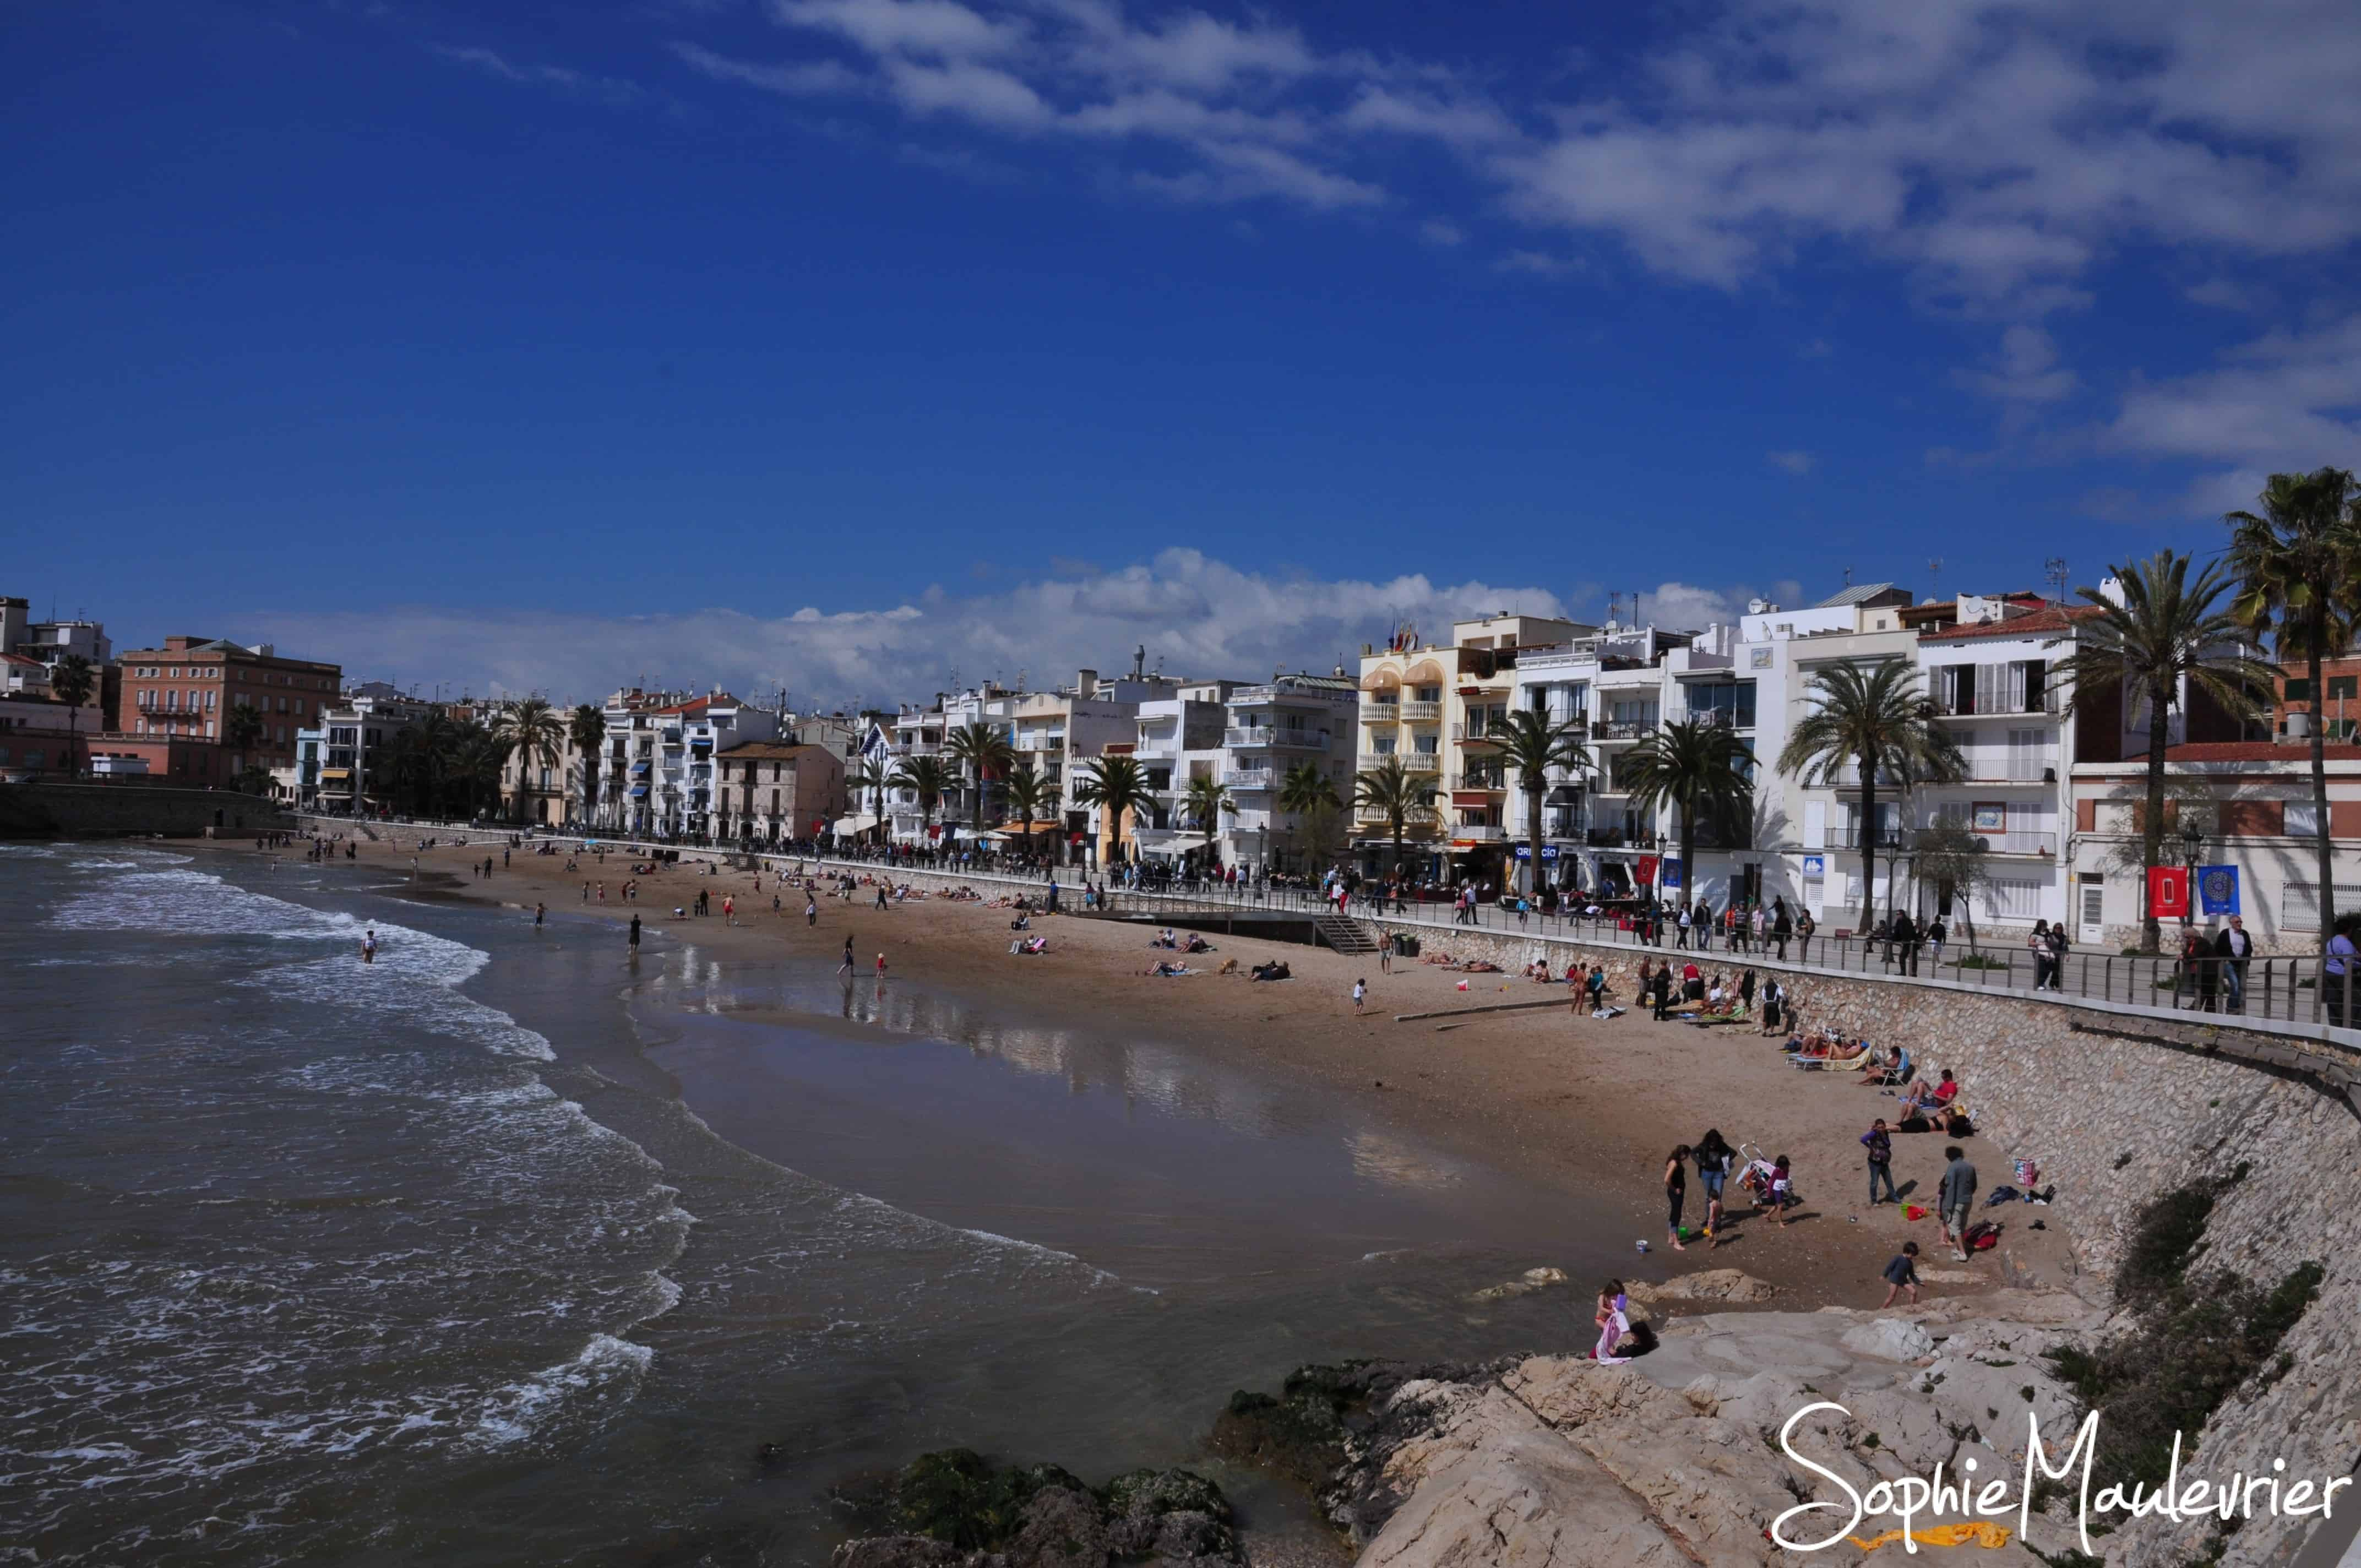 La plage de Sitges en Catalogne